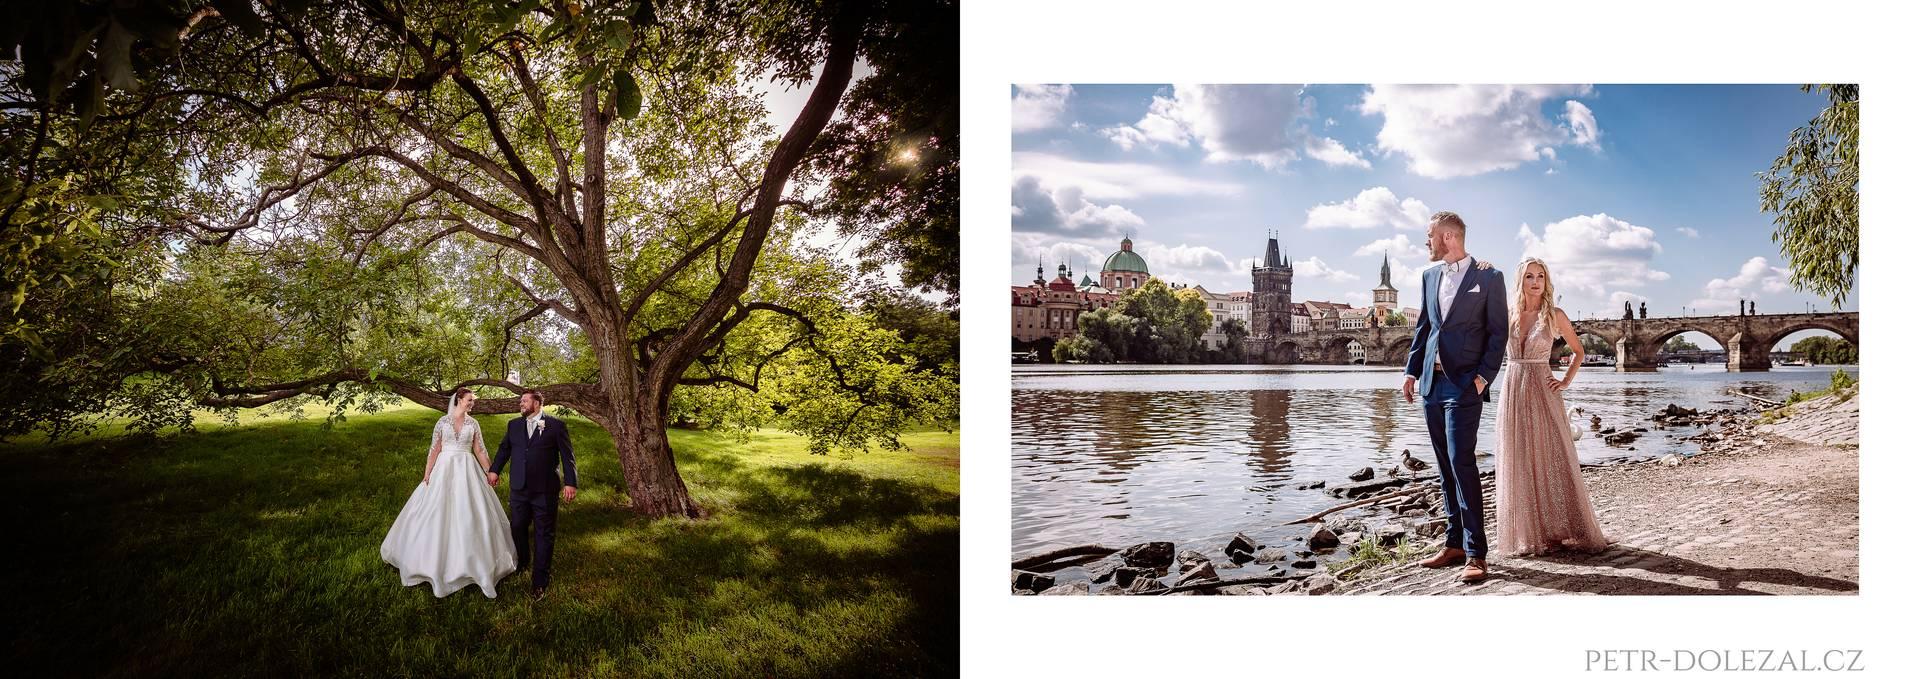 svatební foto Praha